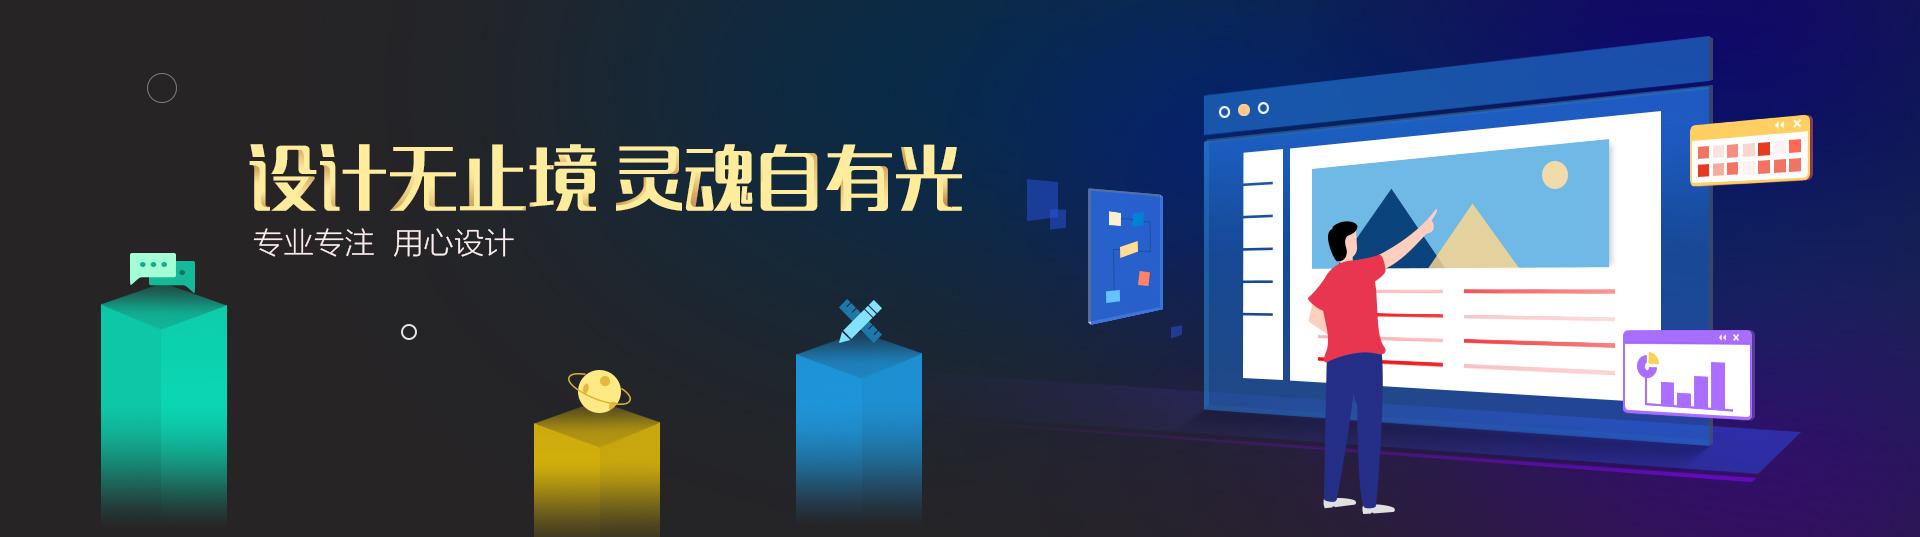 優享設計大幻燈02